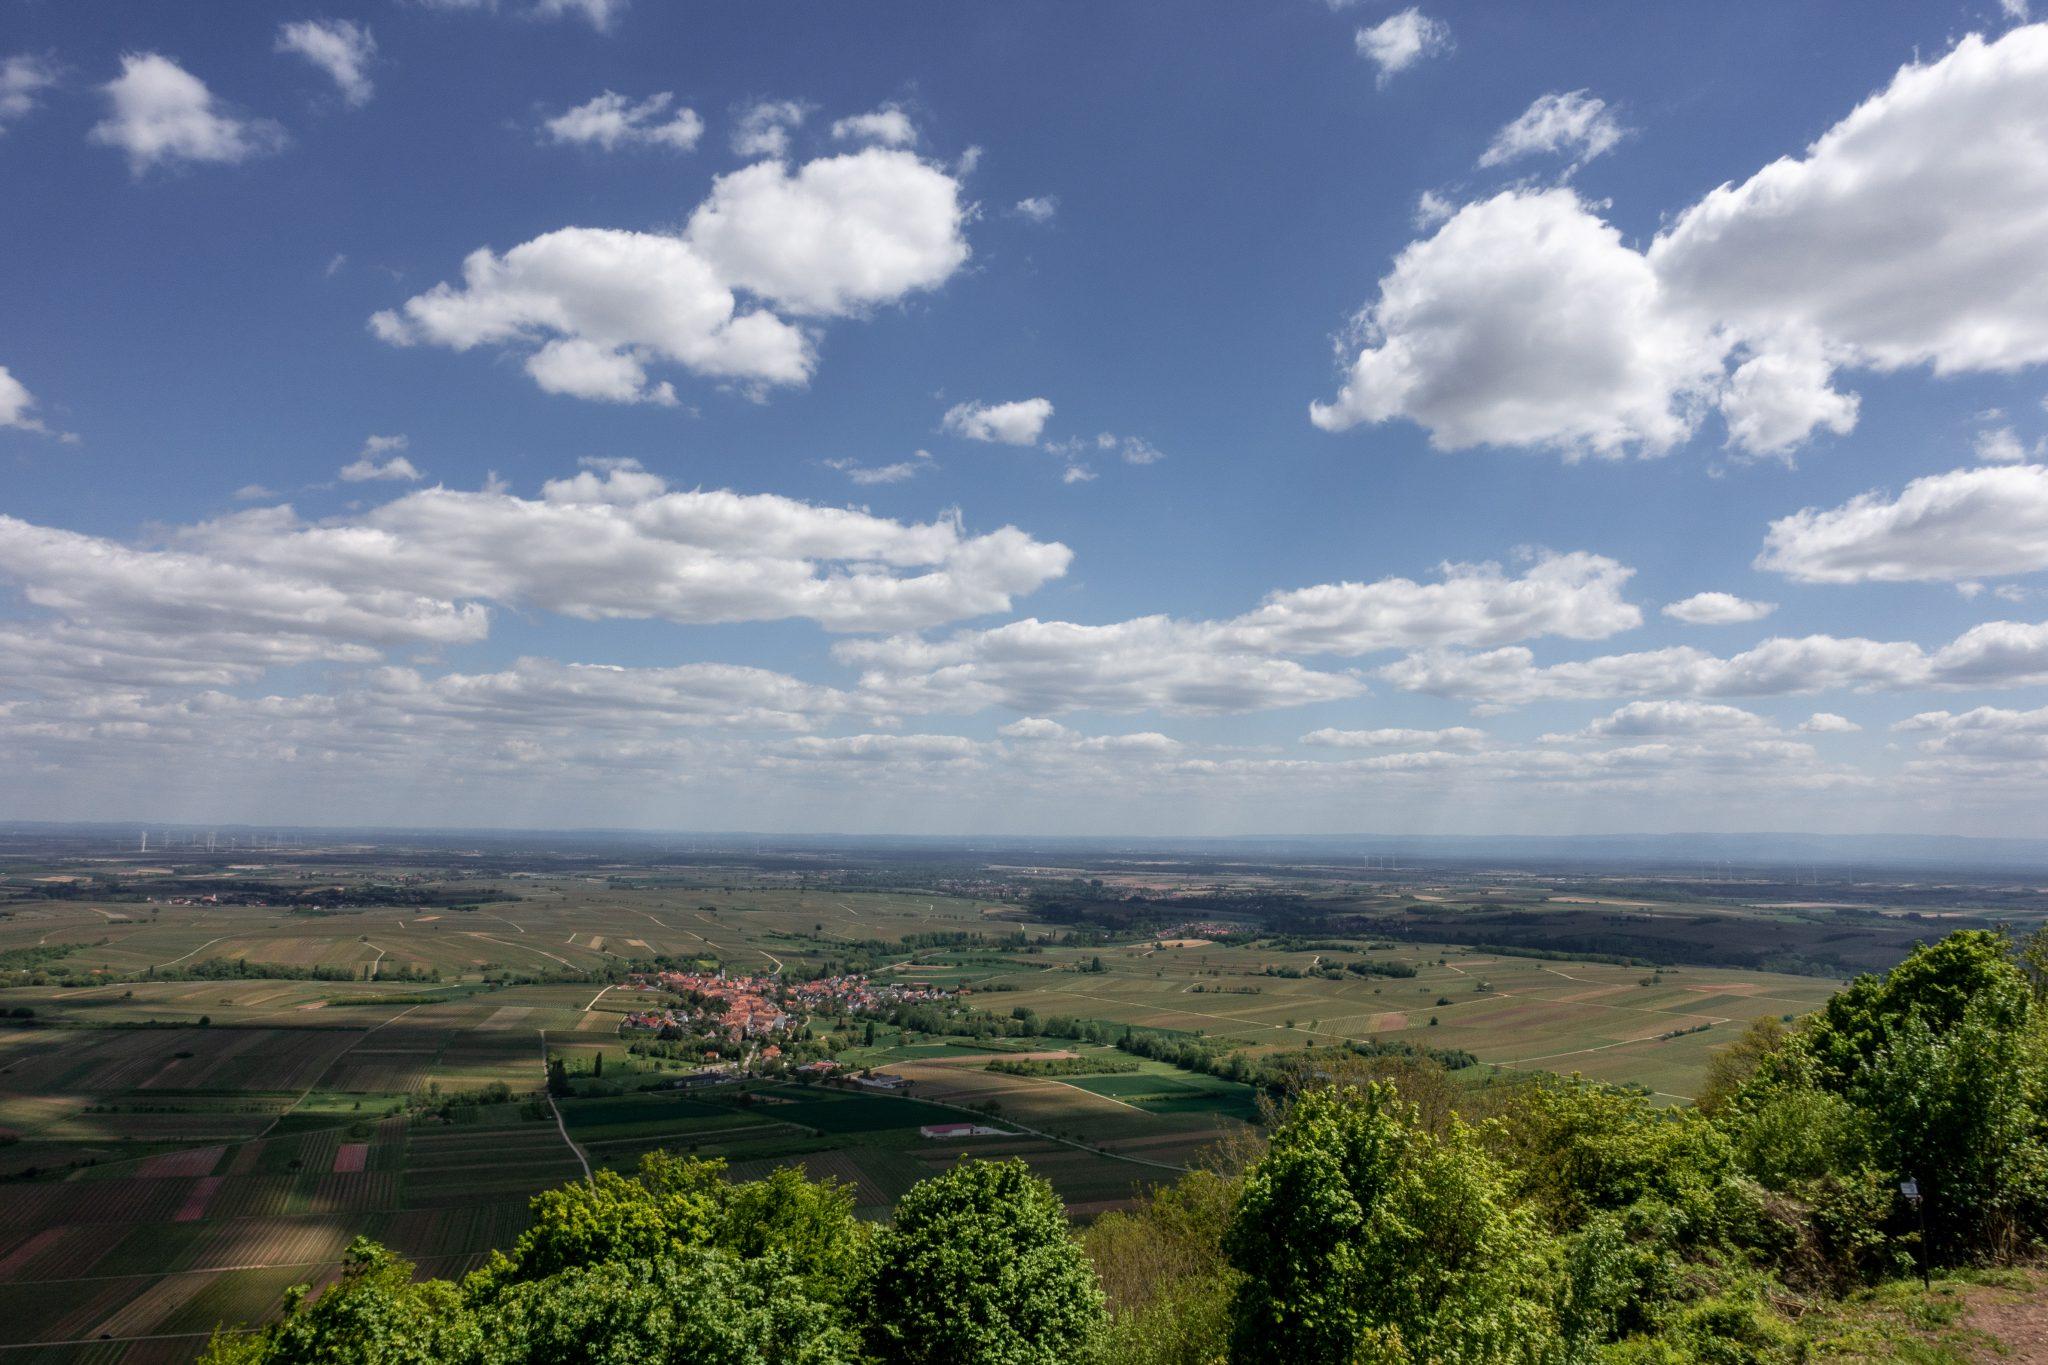 Landau-pfalz-sehenswürdigkeit-madenburg-ausblick